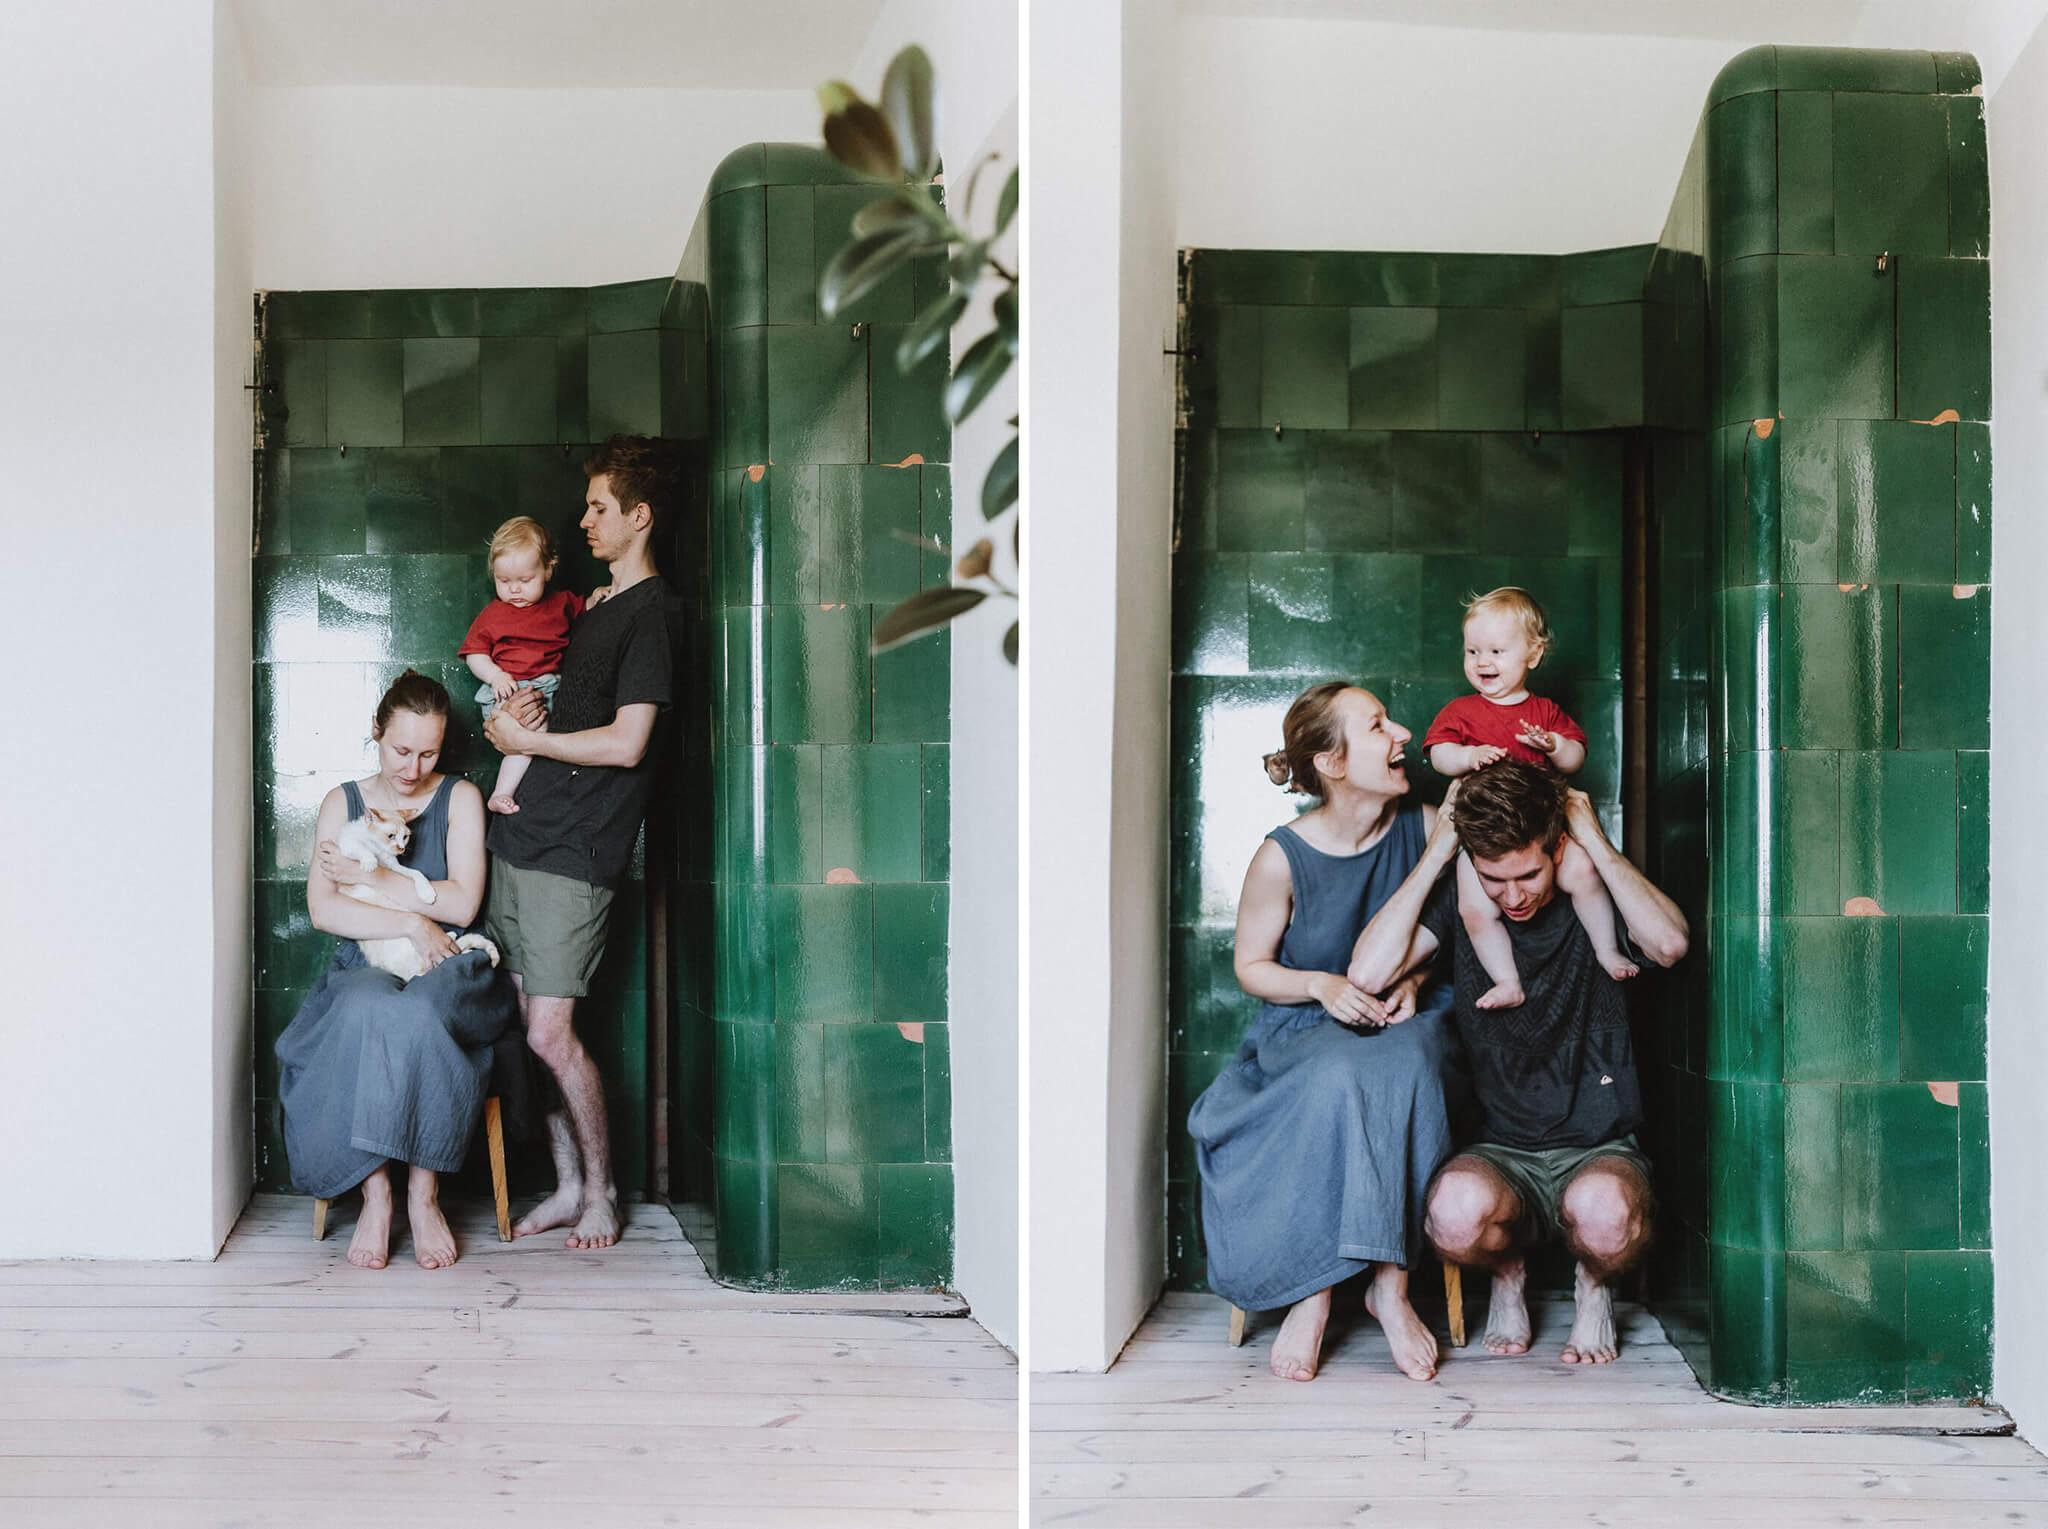 Kaks elustiilifotot perest, kes on ahju ääres - ema istul kassiga ja isa seisab tütrega kõrval.